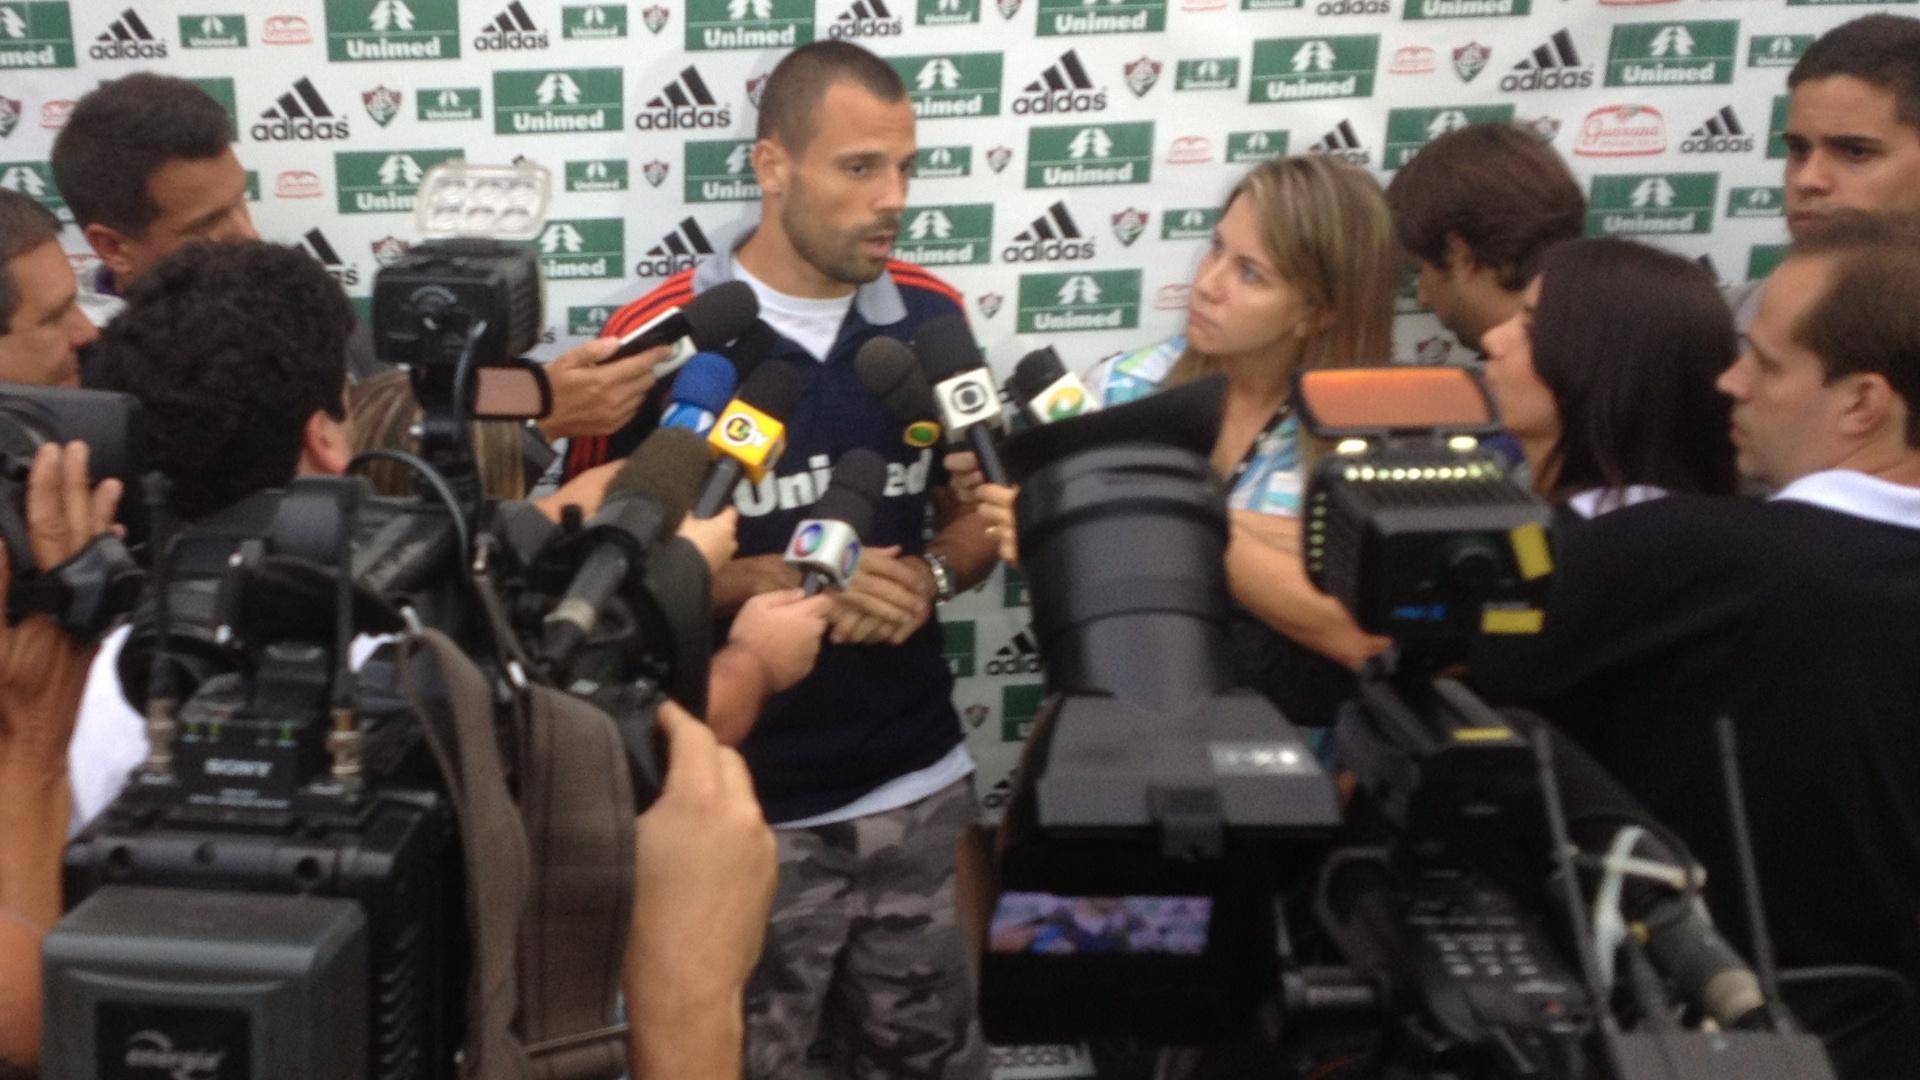 Convocado para defender o Brasil no Superclássico das Américas, goleiro Diego Cavalieri é muito assediado após treino do Fluminense (14/11/2012)